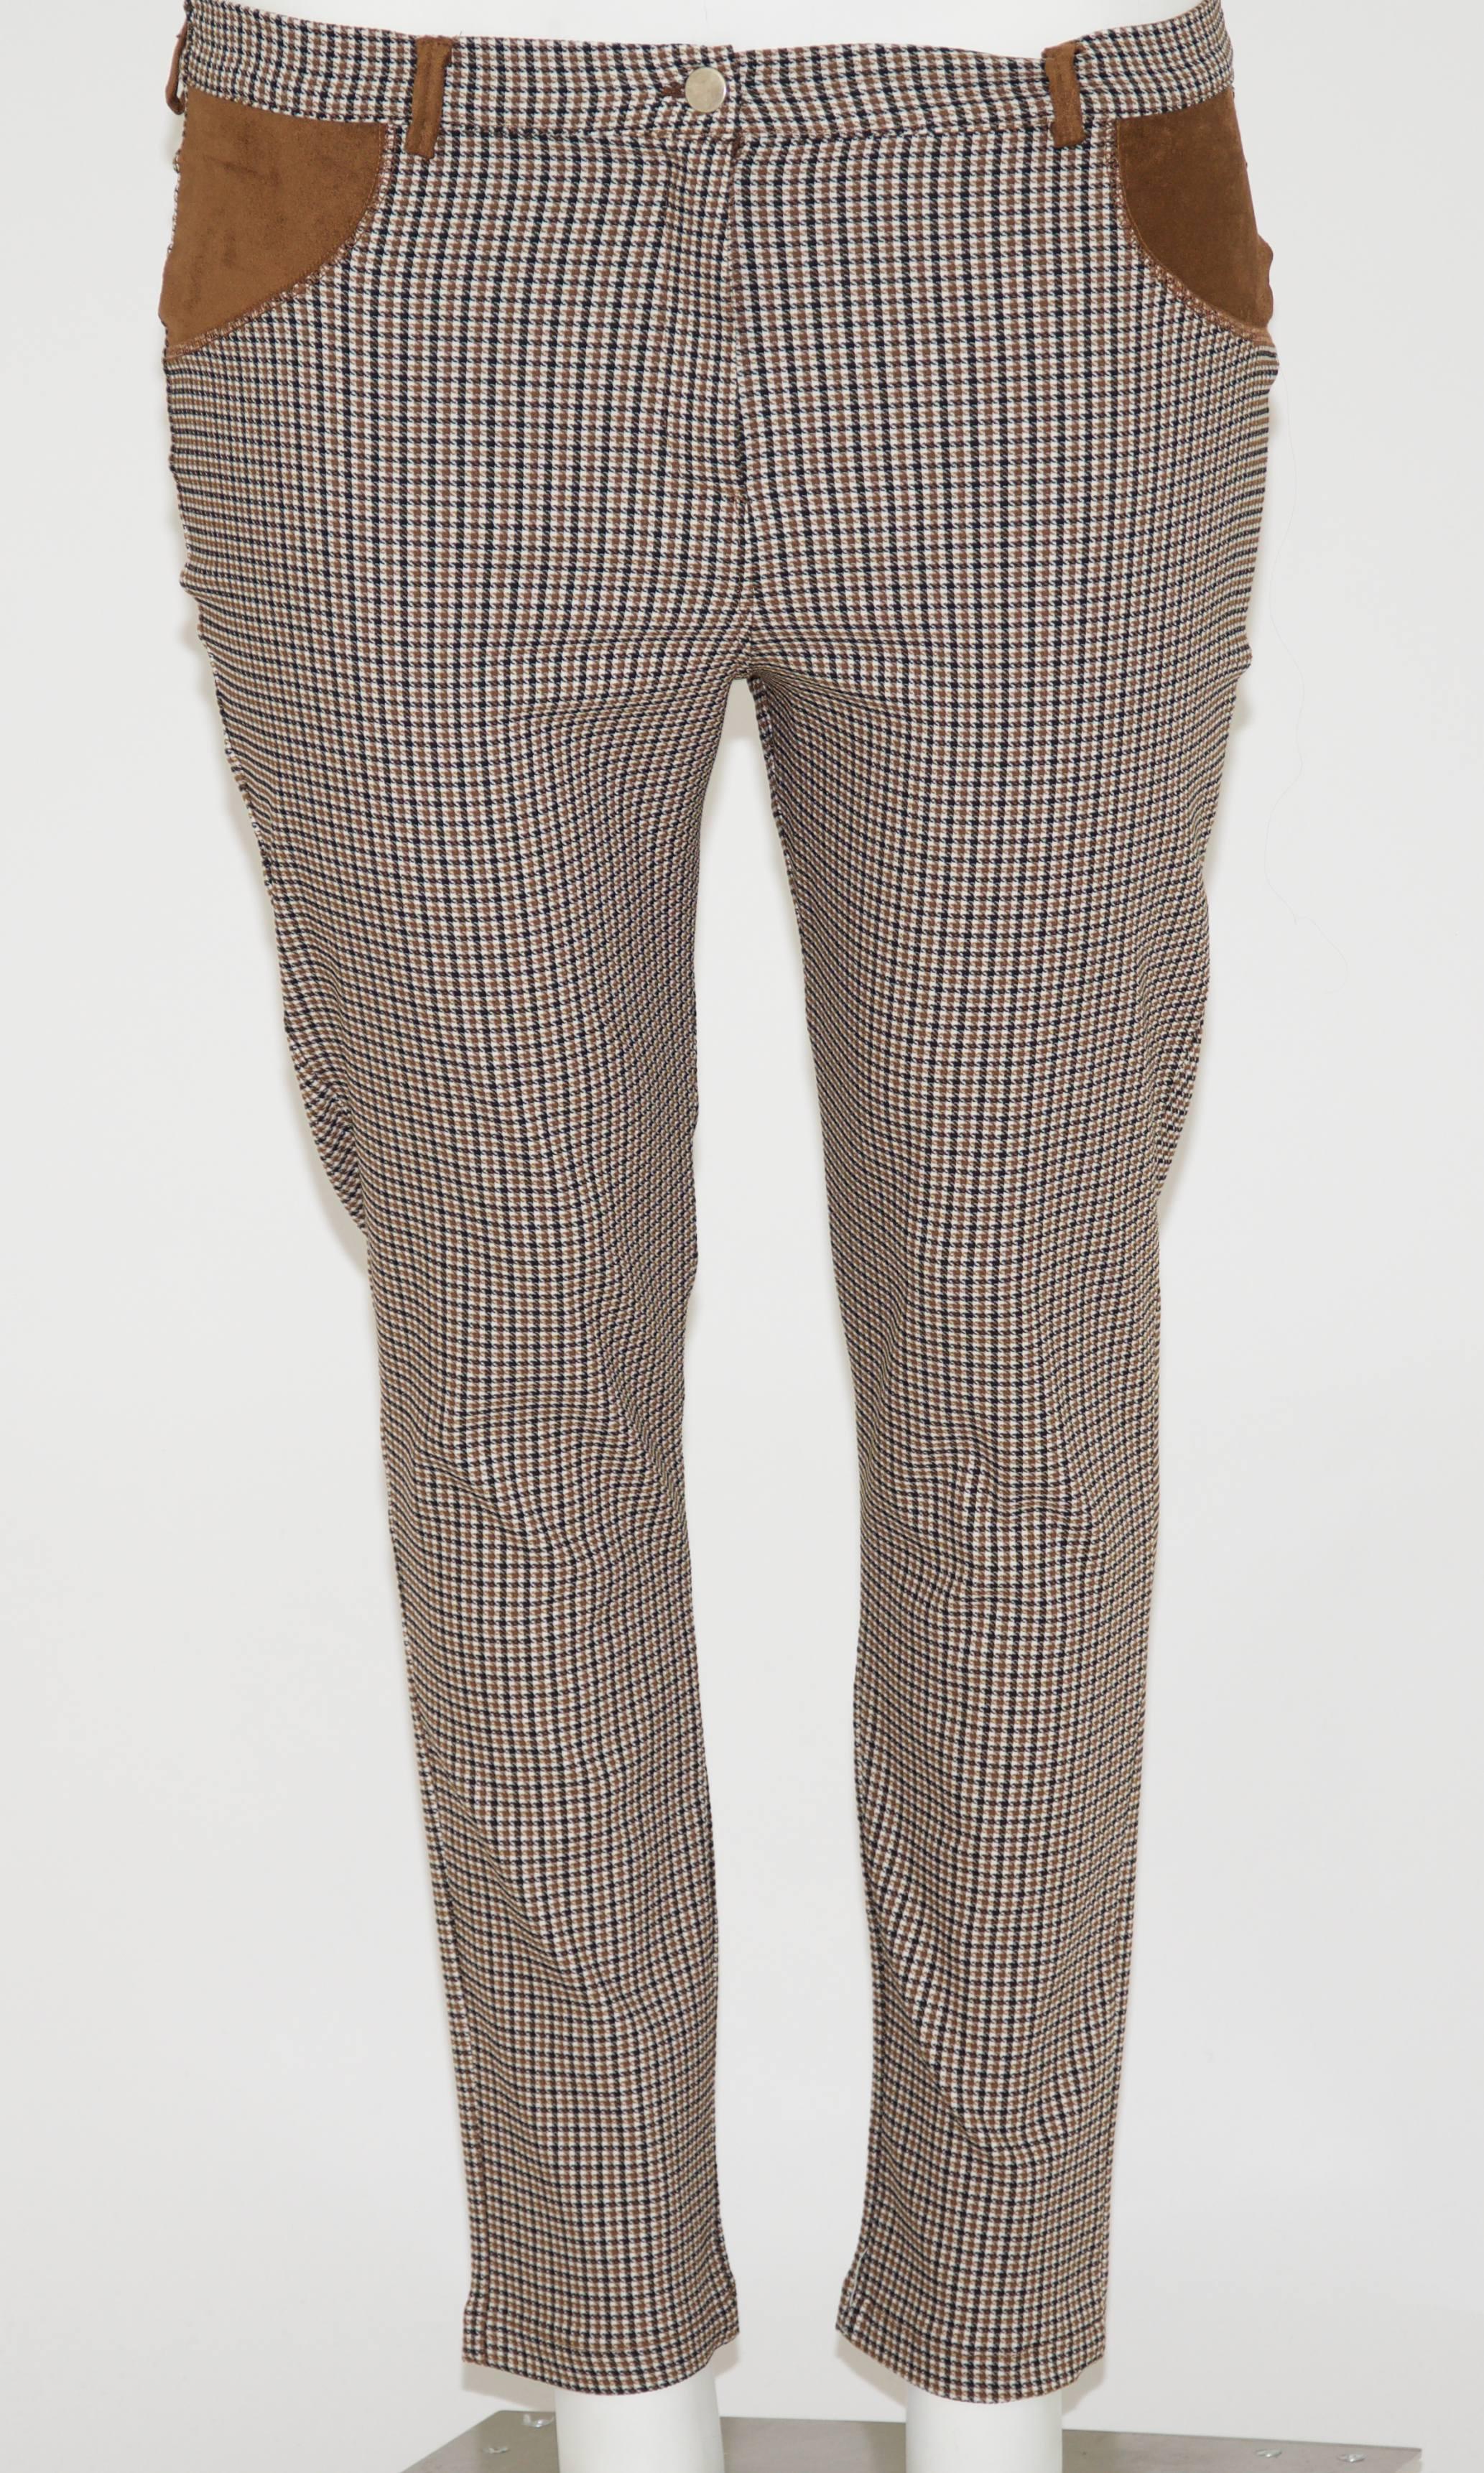 bc651968f7cb Pantalone scozzese con apertura a bottone e zip, applicazioni davanti e  dietro in tessuto di